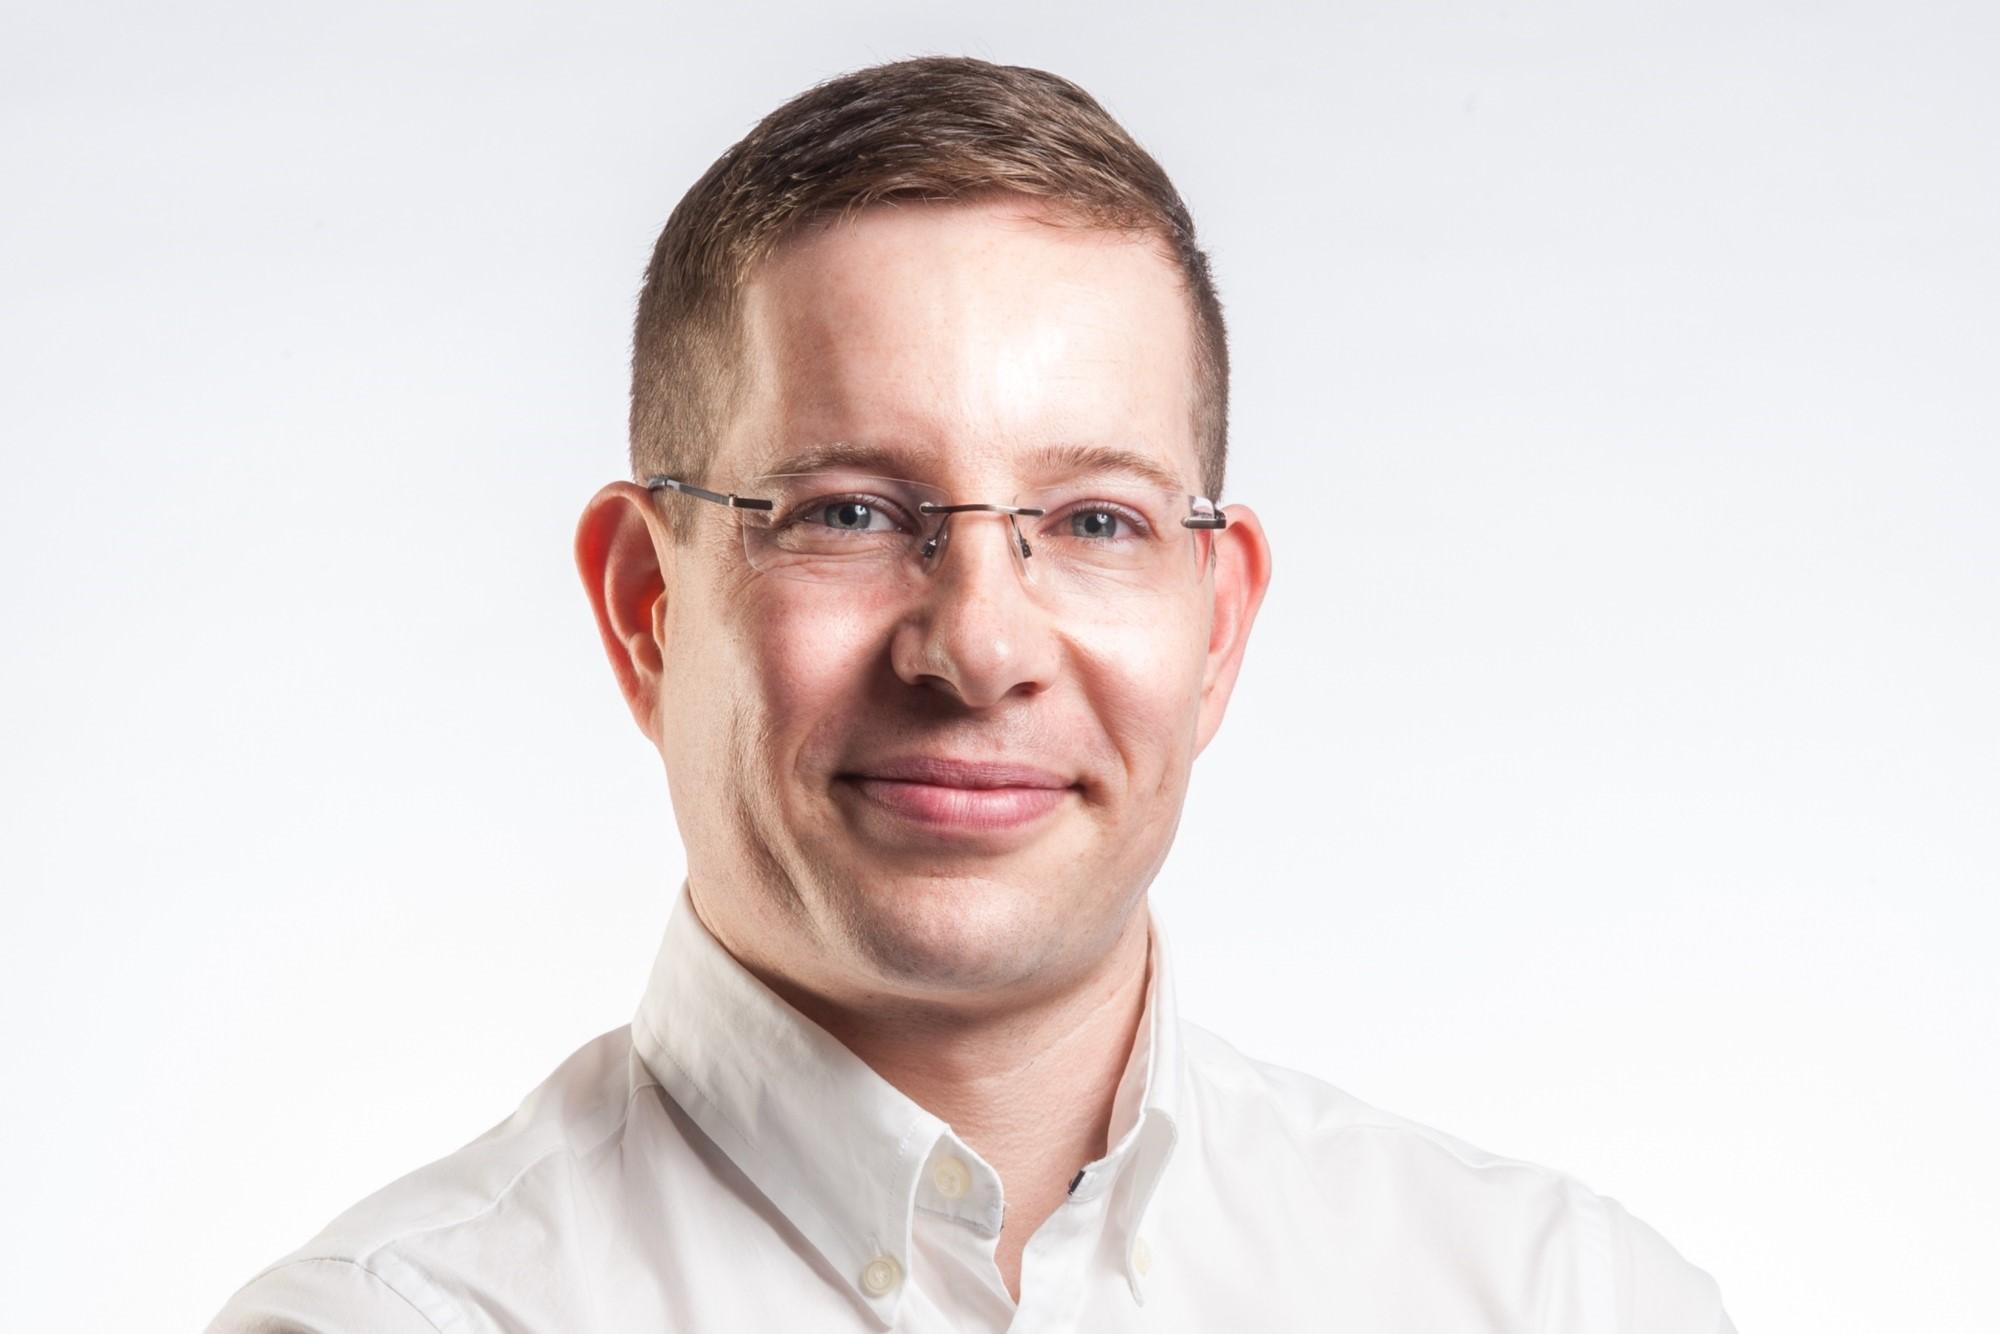 Christian Metzech